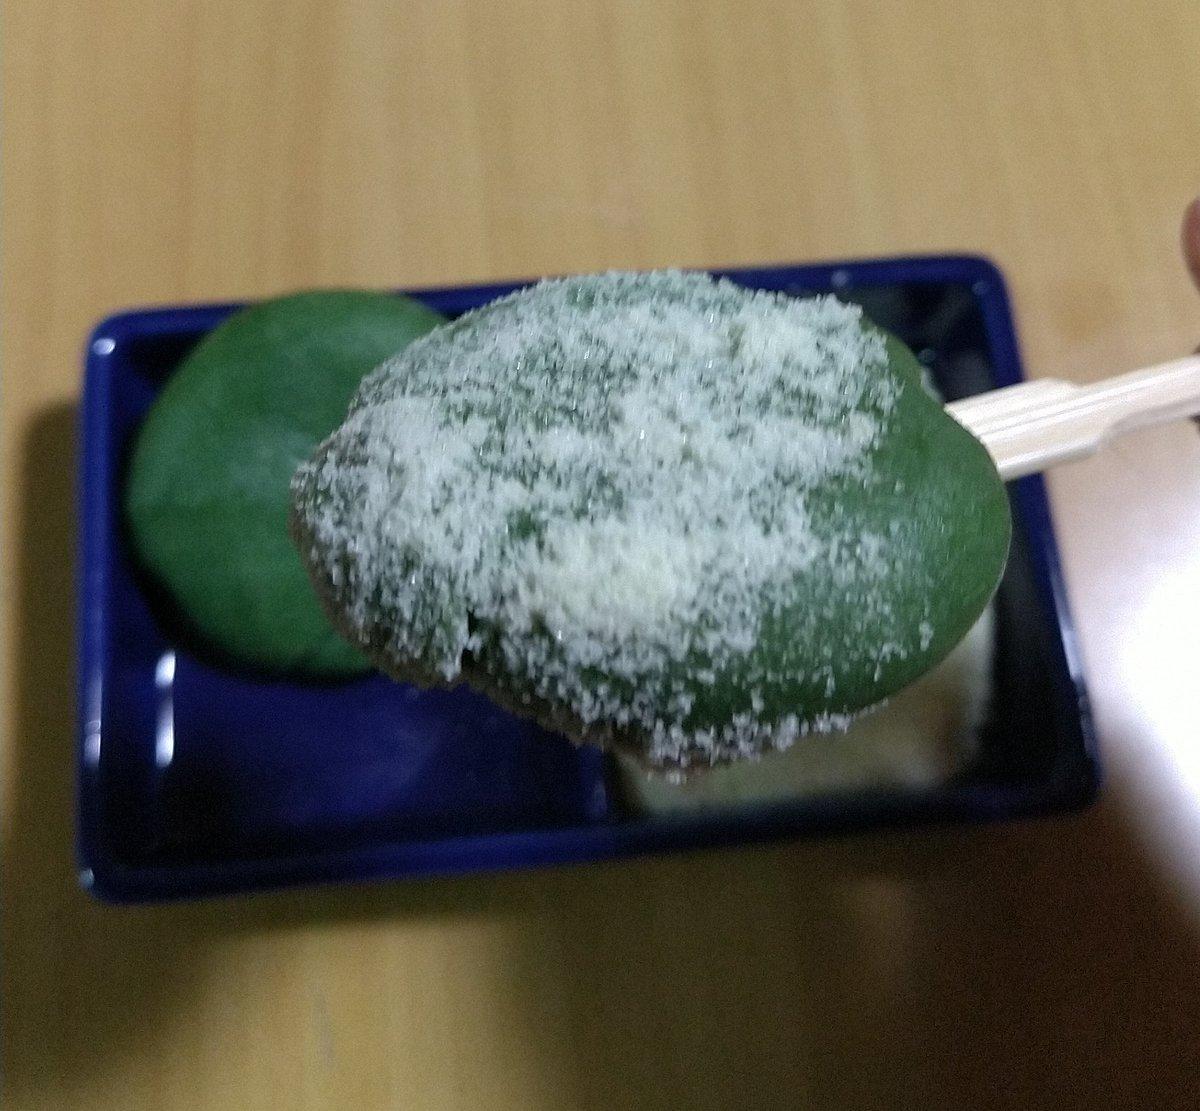 test ツイッターメディア - 妹氏に町田の名店中野屋さんのななくにだんごをいただきました! 和三盆きなこたっぷり!! https://t.co/1C2Mxaeg1Q